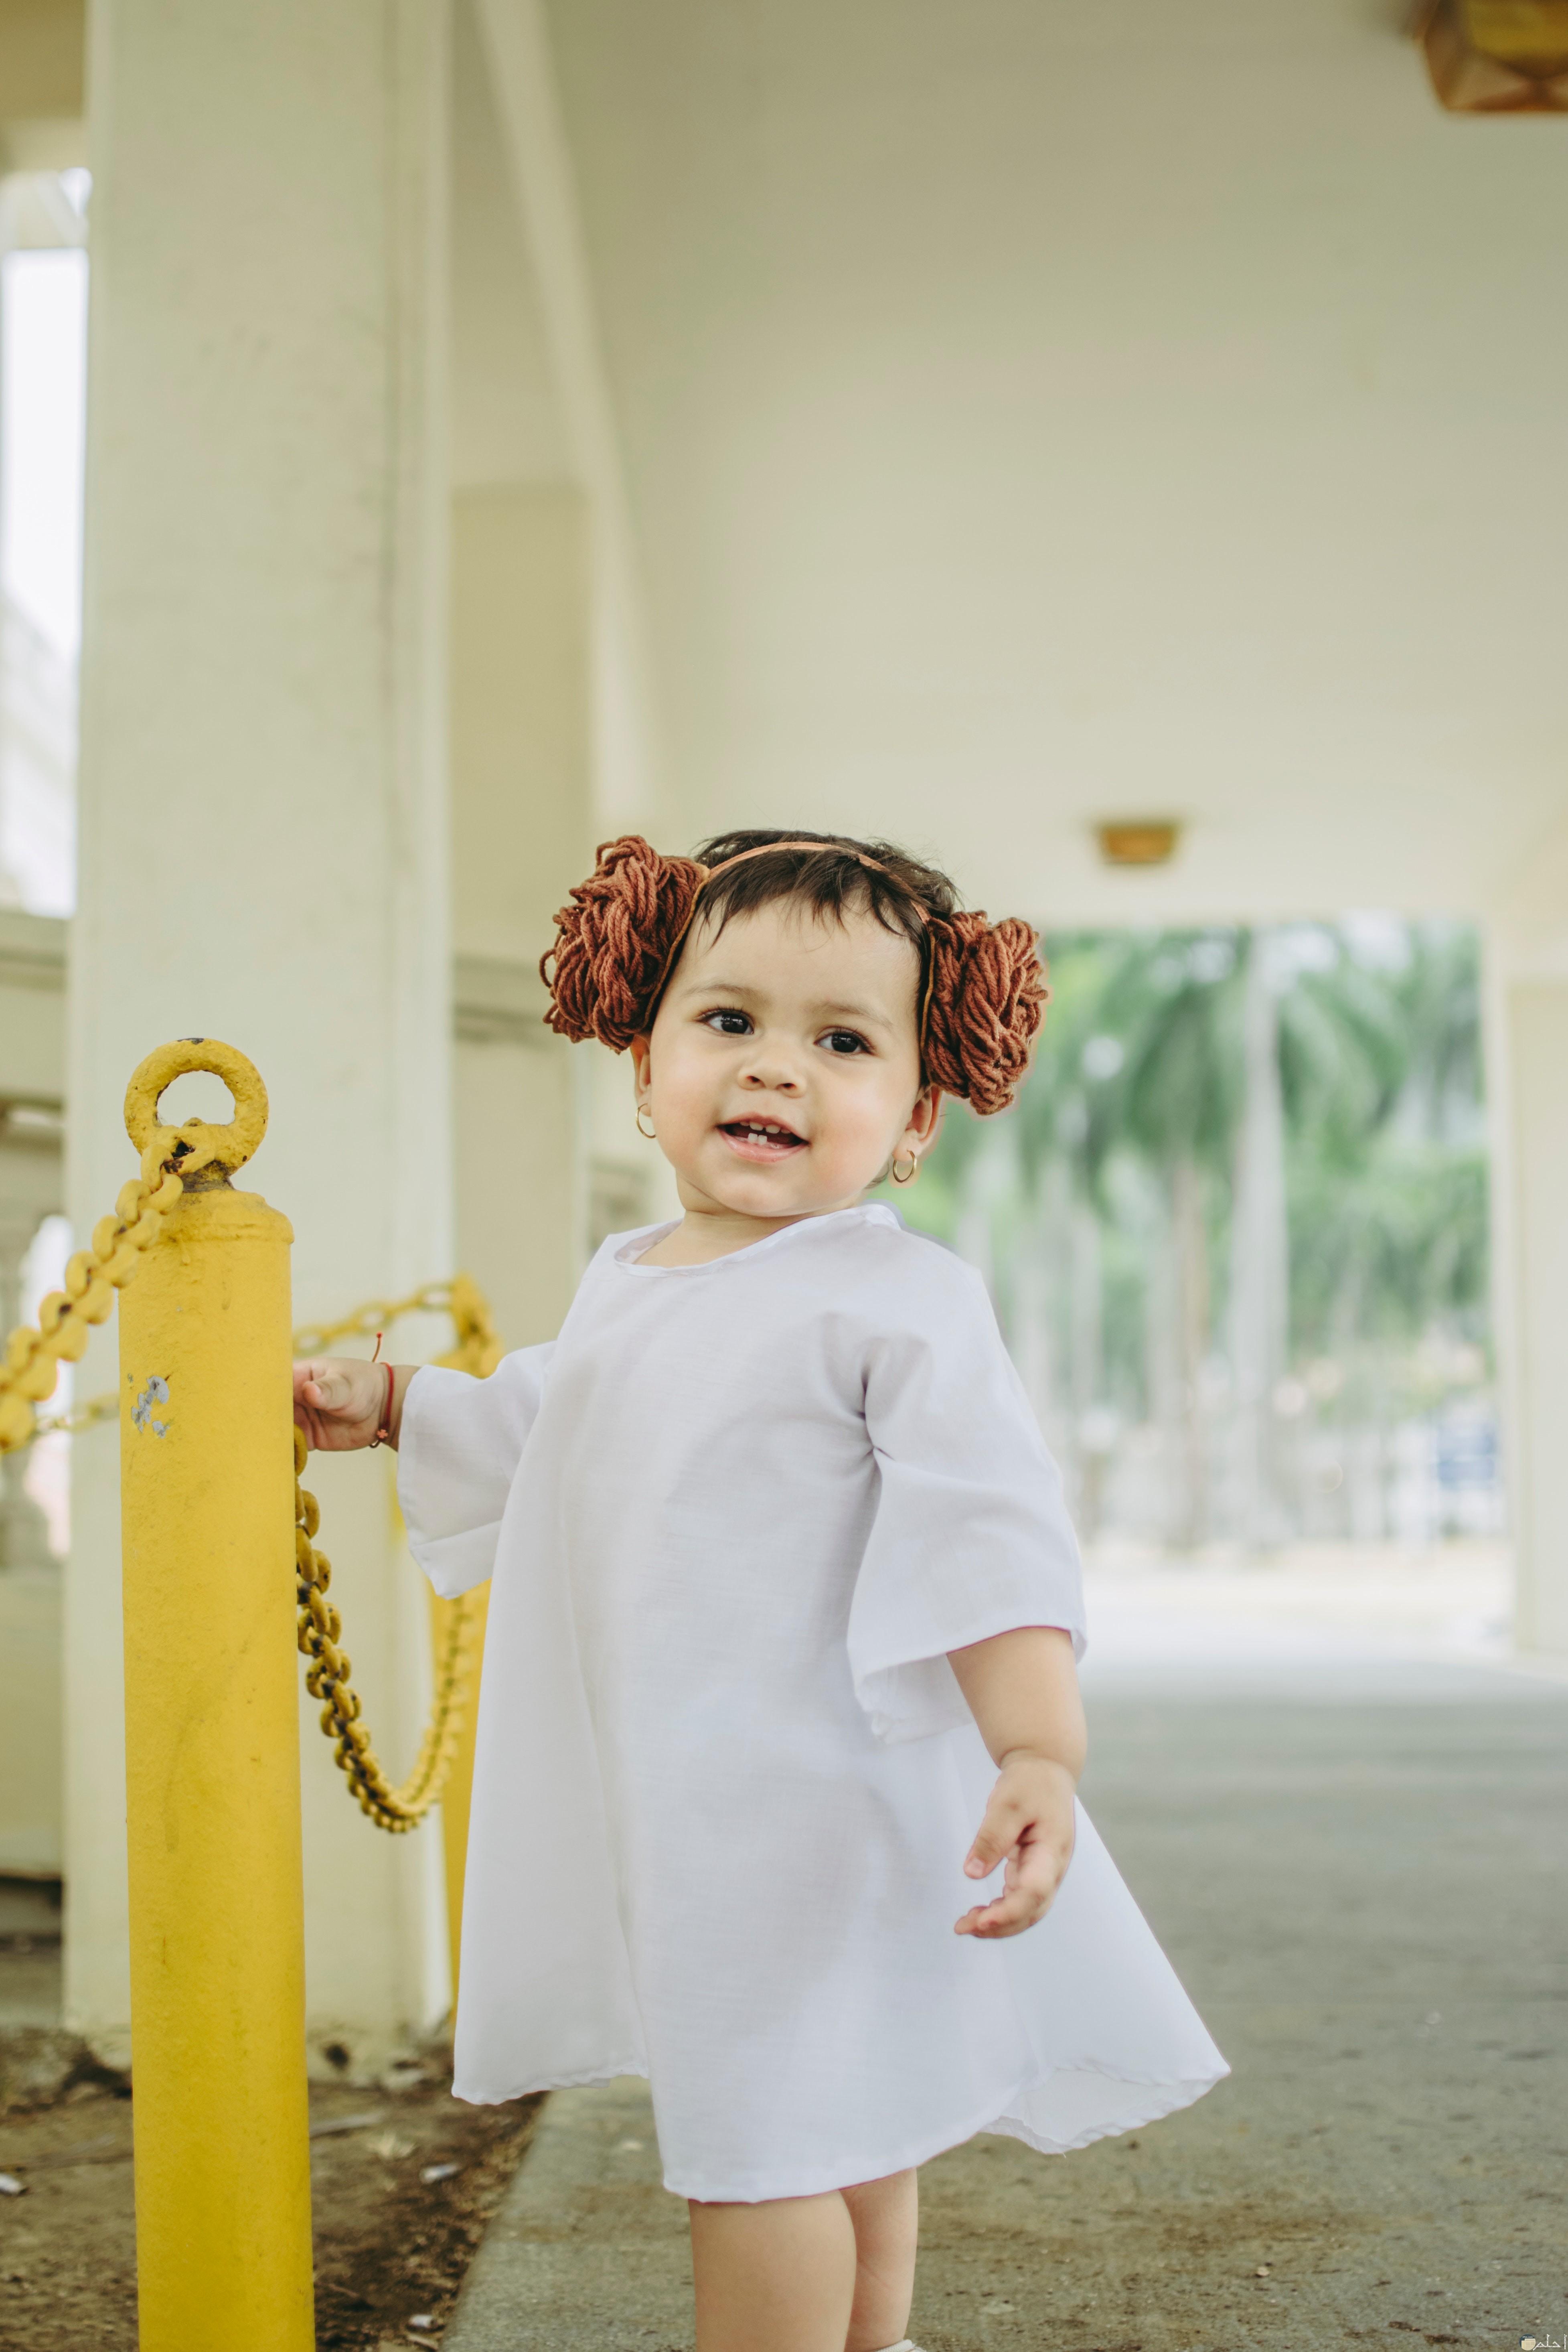 صورة طفلة ترتدى فستان ابيض قطن